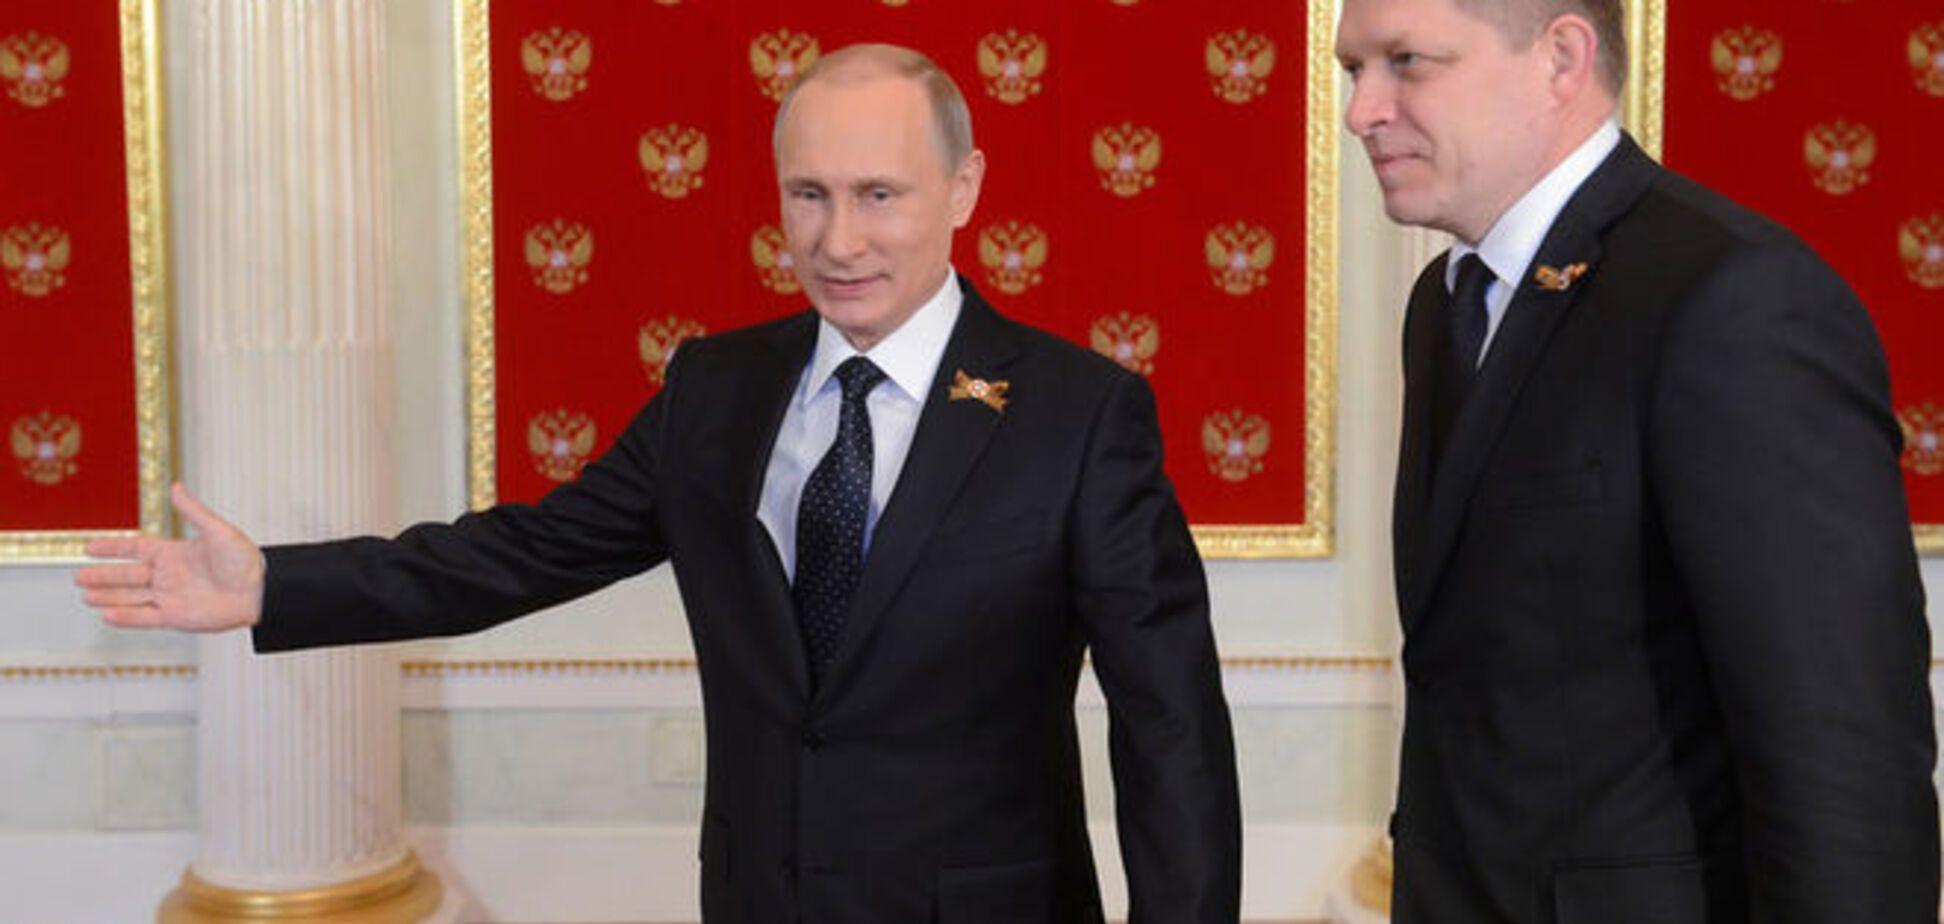 Двуличие: Премьер Словакии в Москве 'присягнул на верность Кремлю'